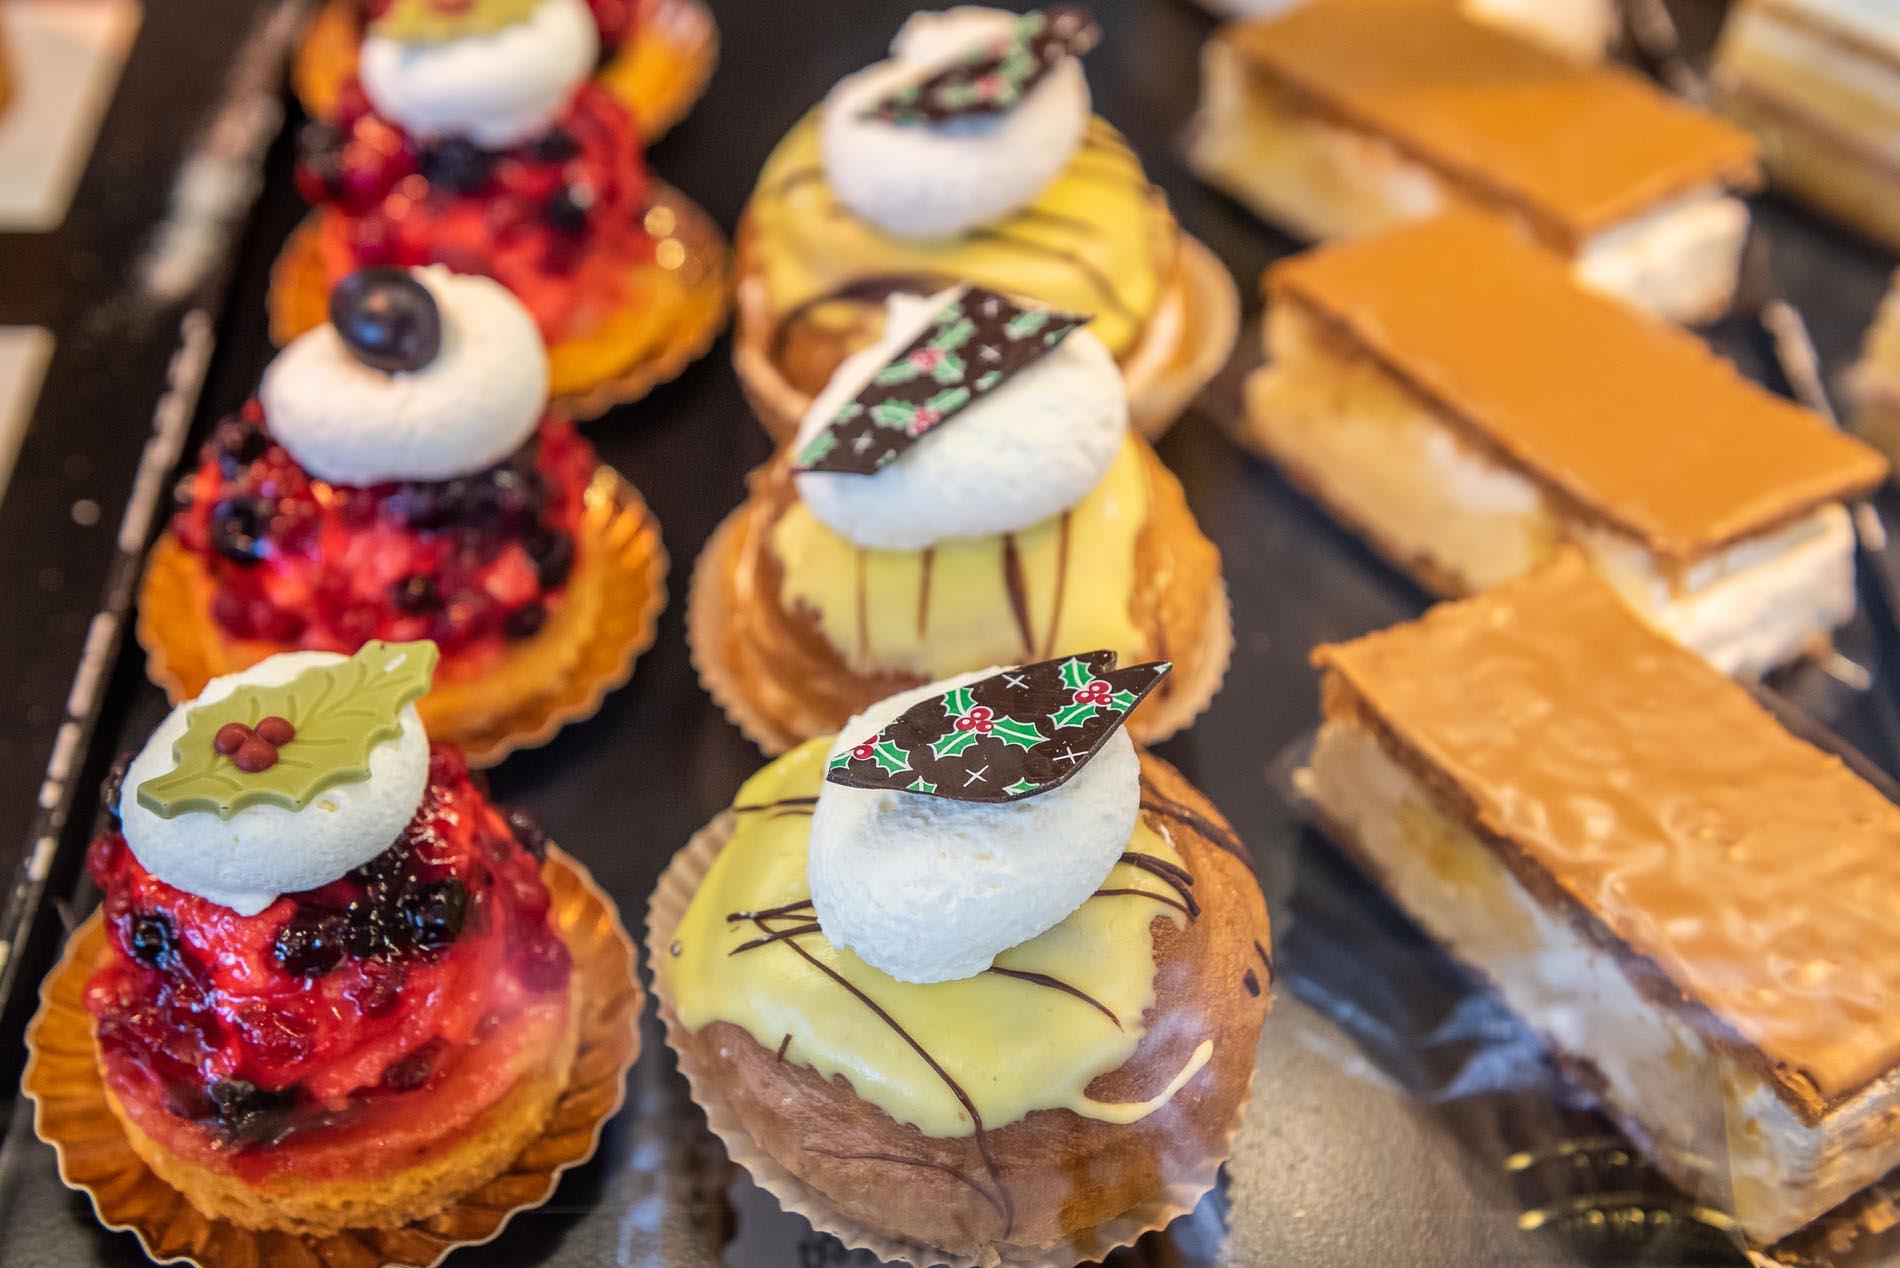 cupcakes en heerlijke versnaperingen voor uw feest